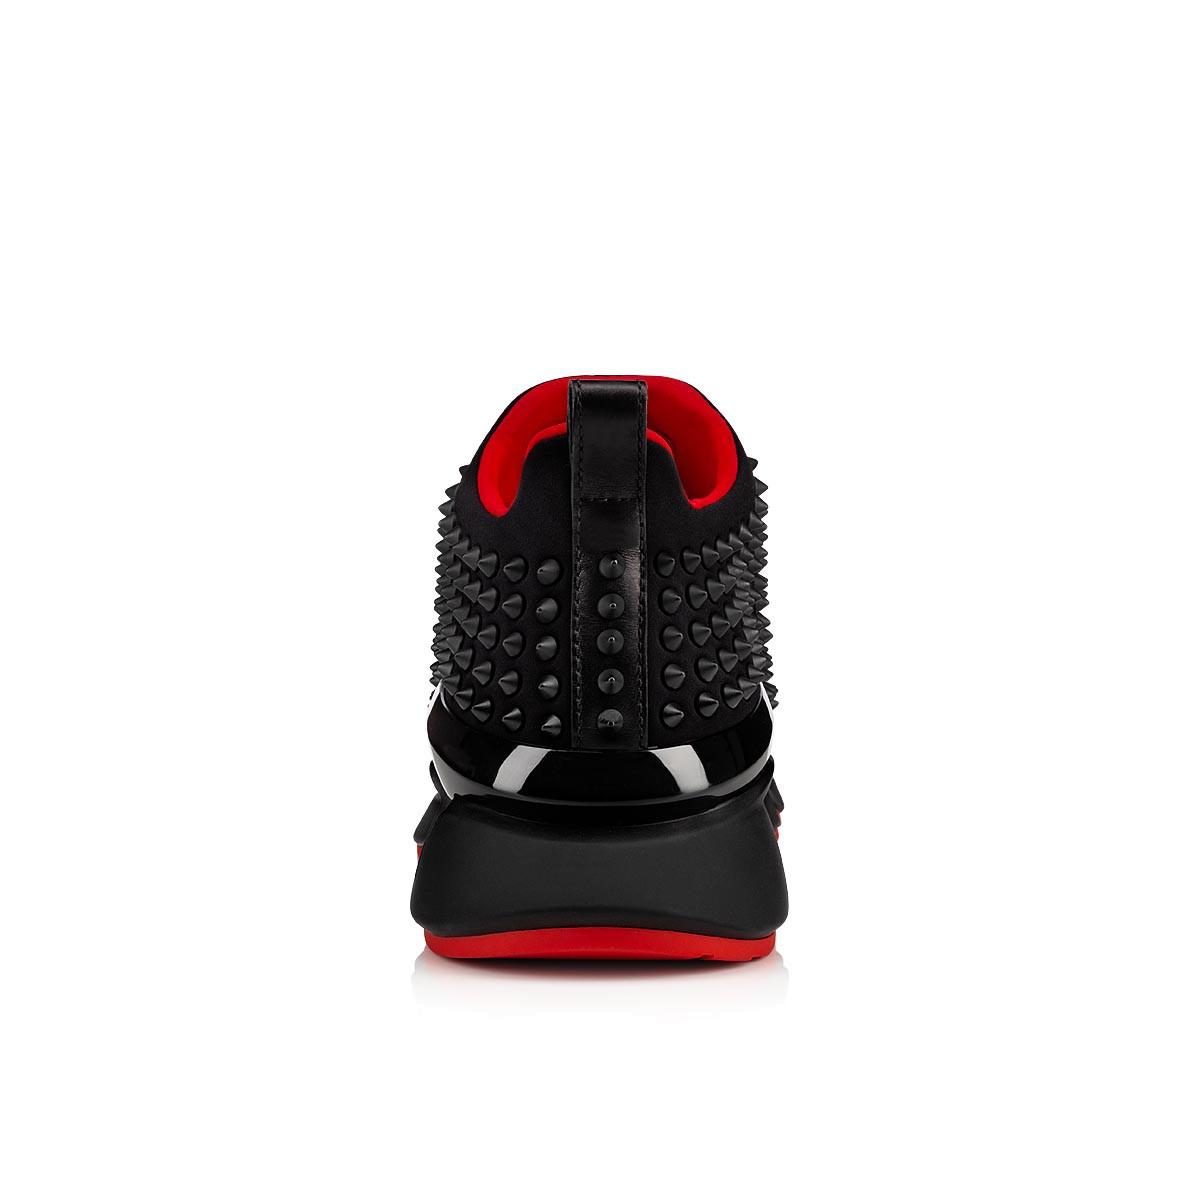 鞋履 - Spike Sock - Christian Louboutin